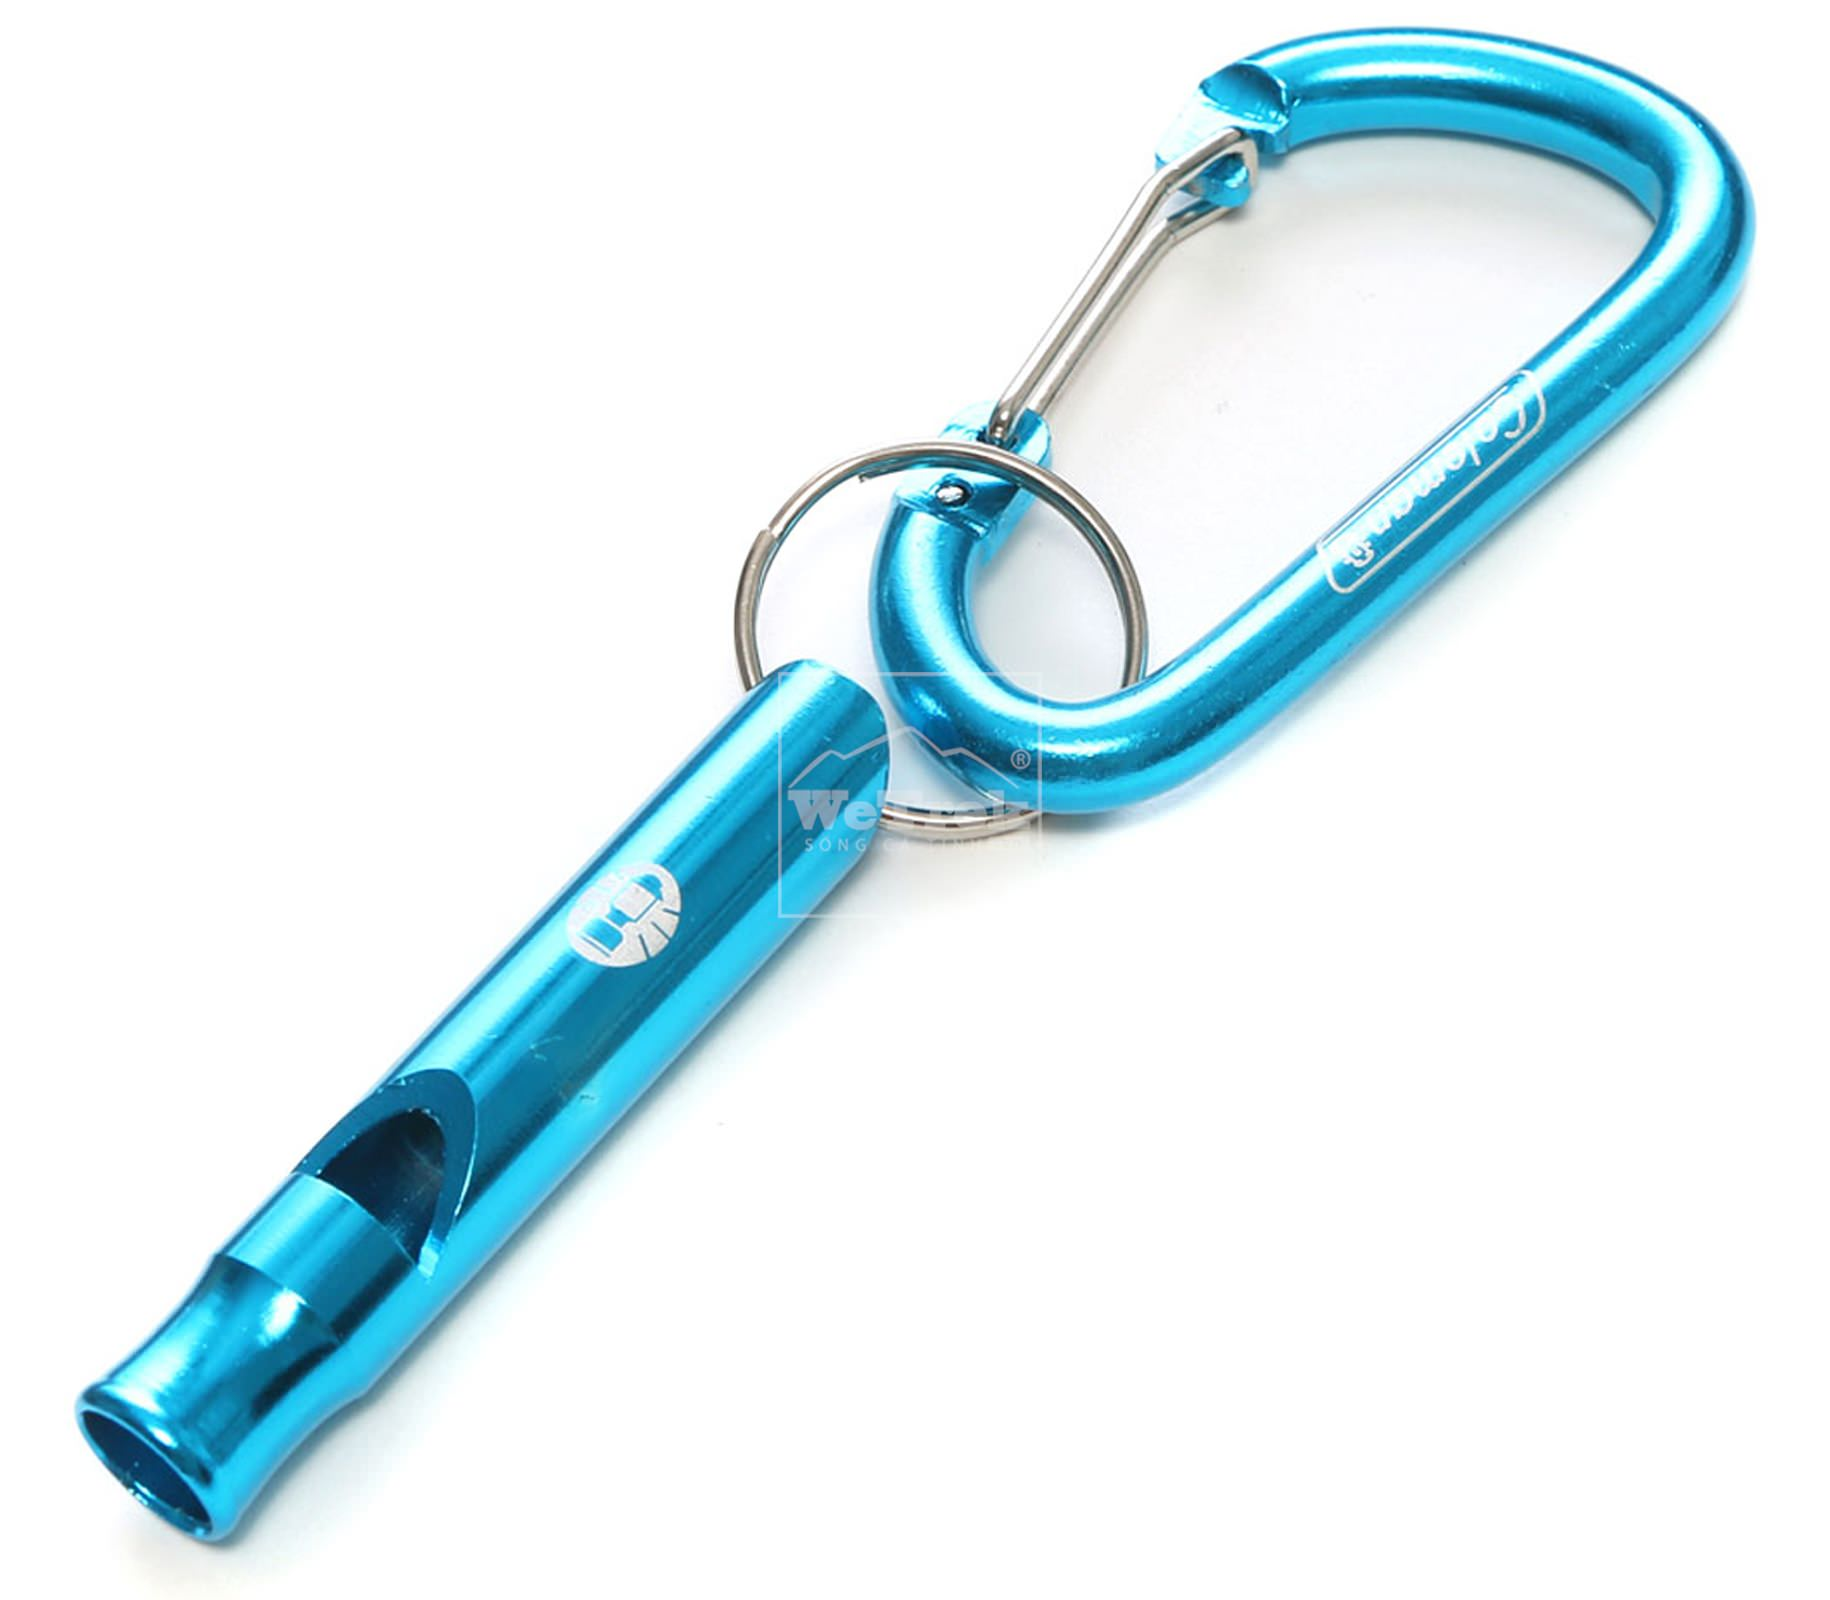 Móc khóa treo còi Coleman Whistle 2000013463 - Xanh dương